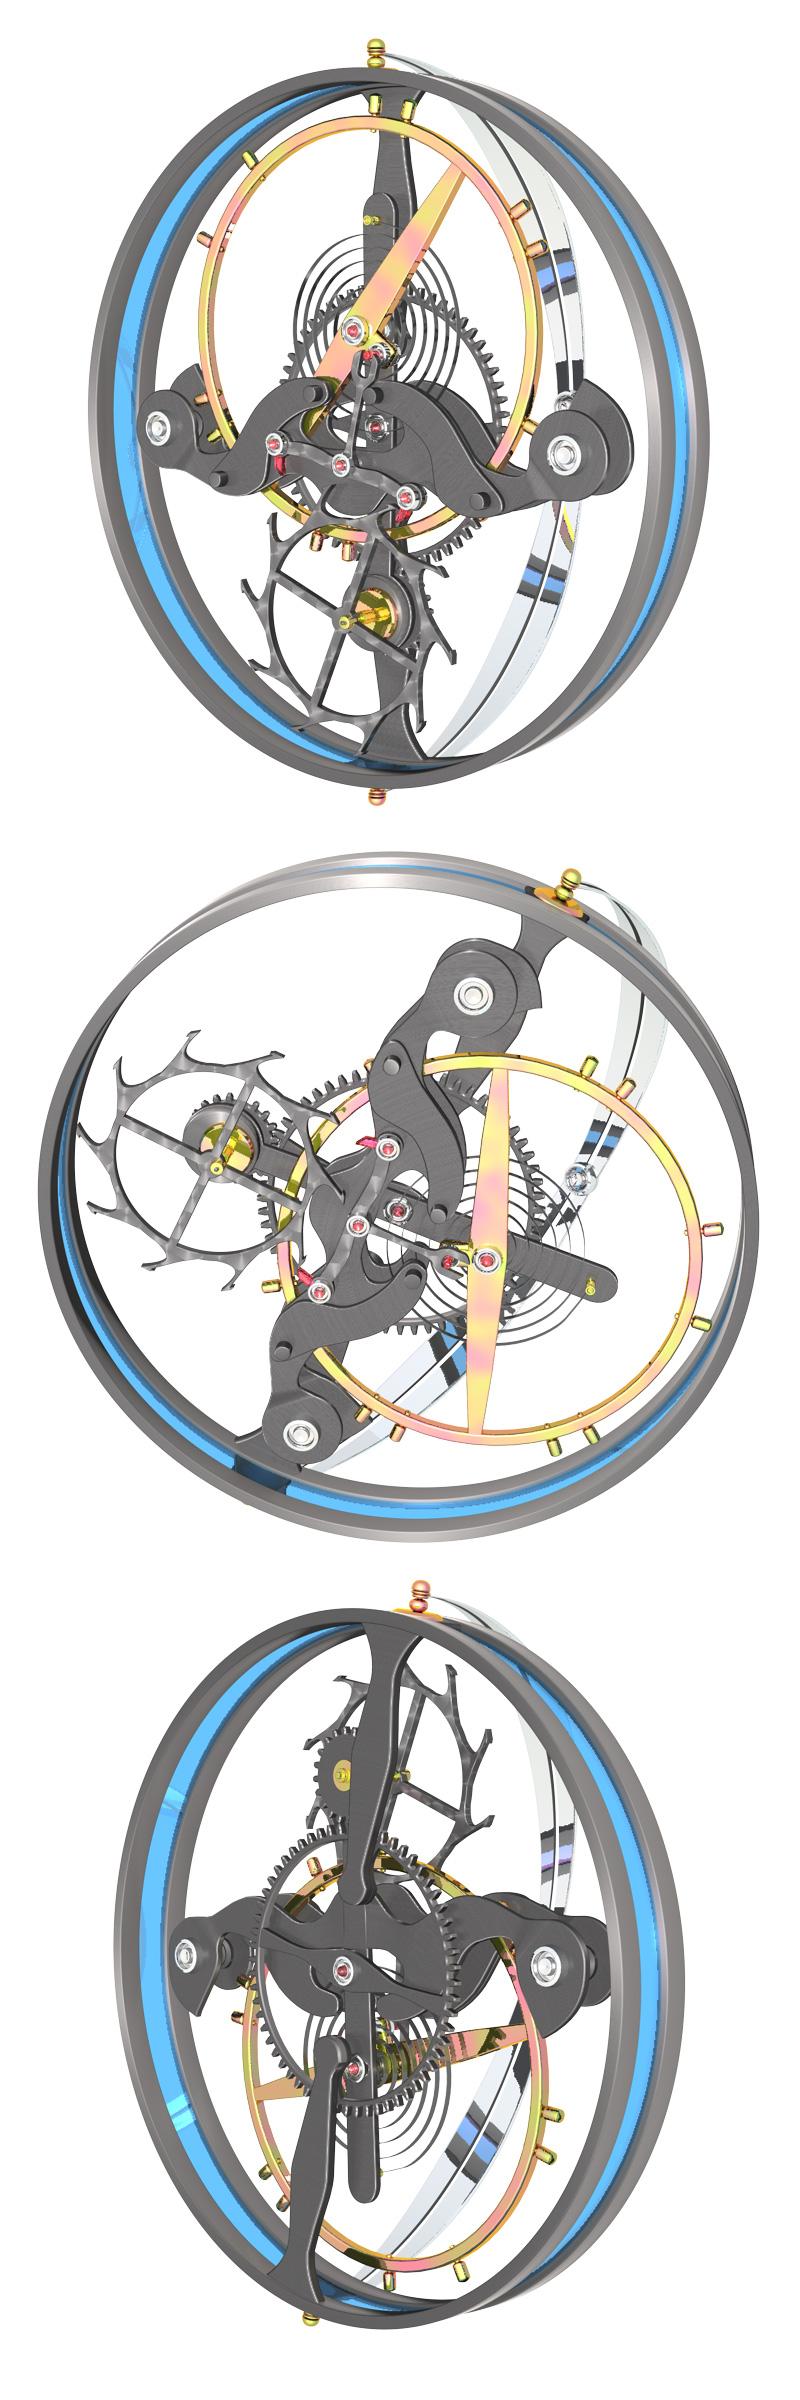 Анимированная модель турбиона Бреге для сайта neidut.ru